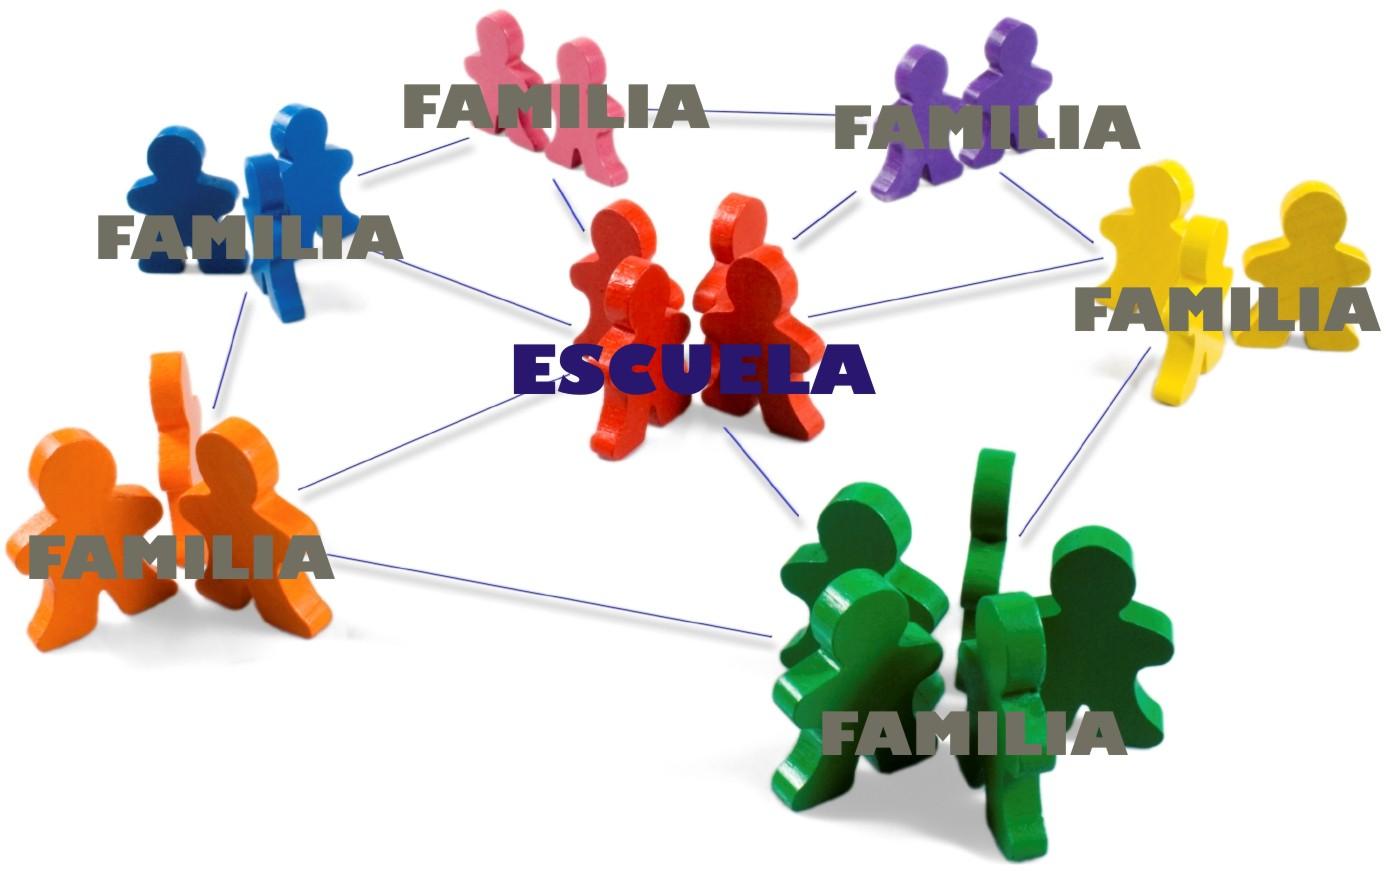 familias y sociedad: